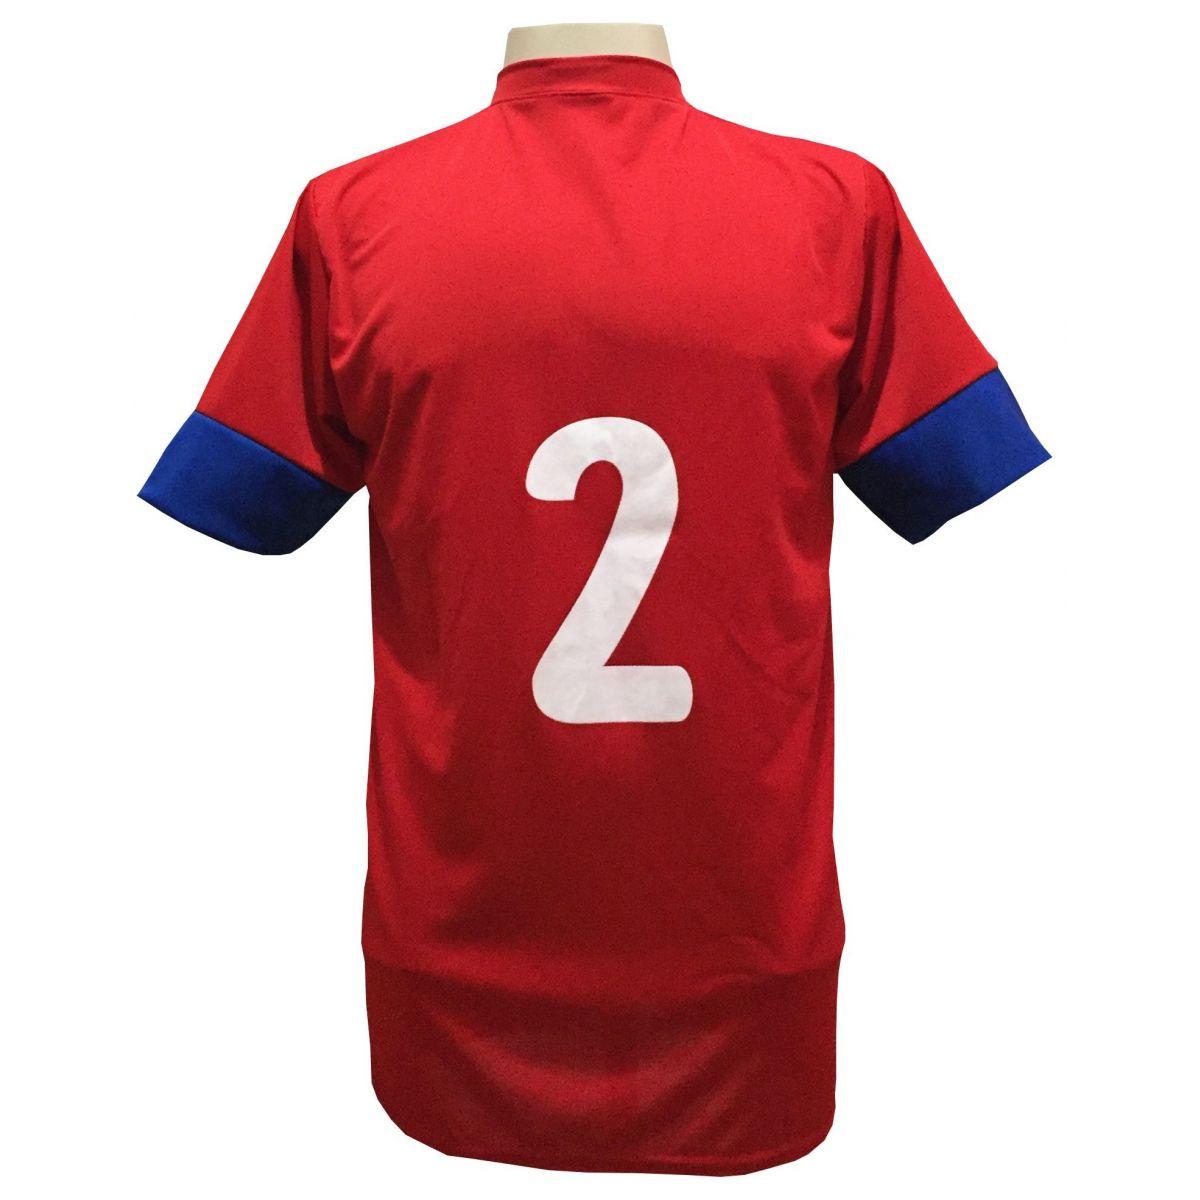 Fardamento Completo modelo Columbus 18+2 (18 Camisas Vermelho/Royal + 18 Calções Madrid Royal + 18 Pares de Meiões Royal + 2 Conjuntos de Goleiro) + Brindes